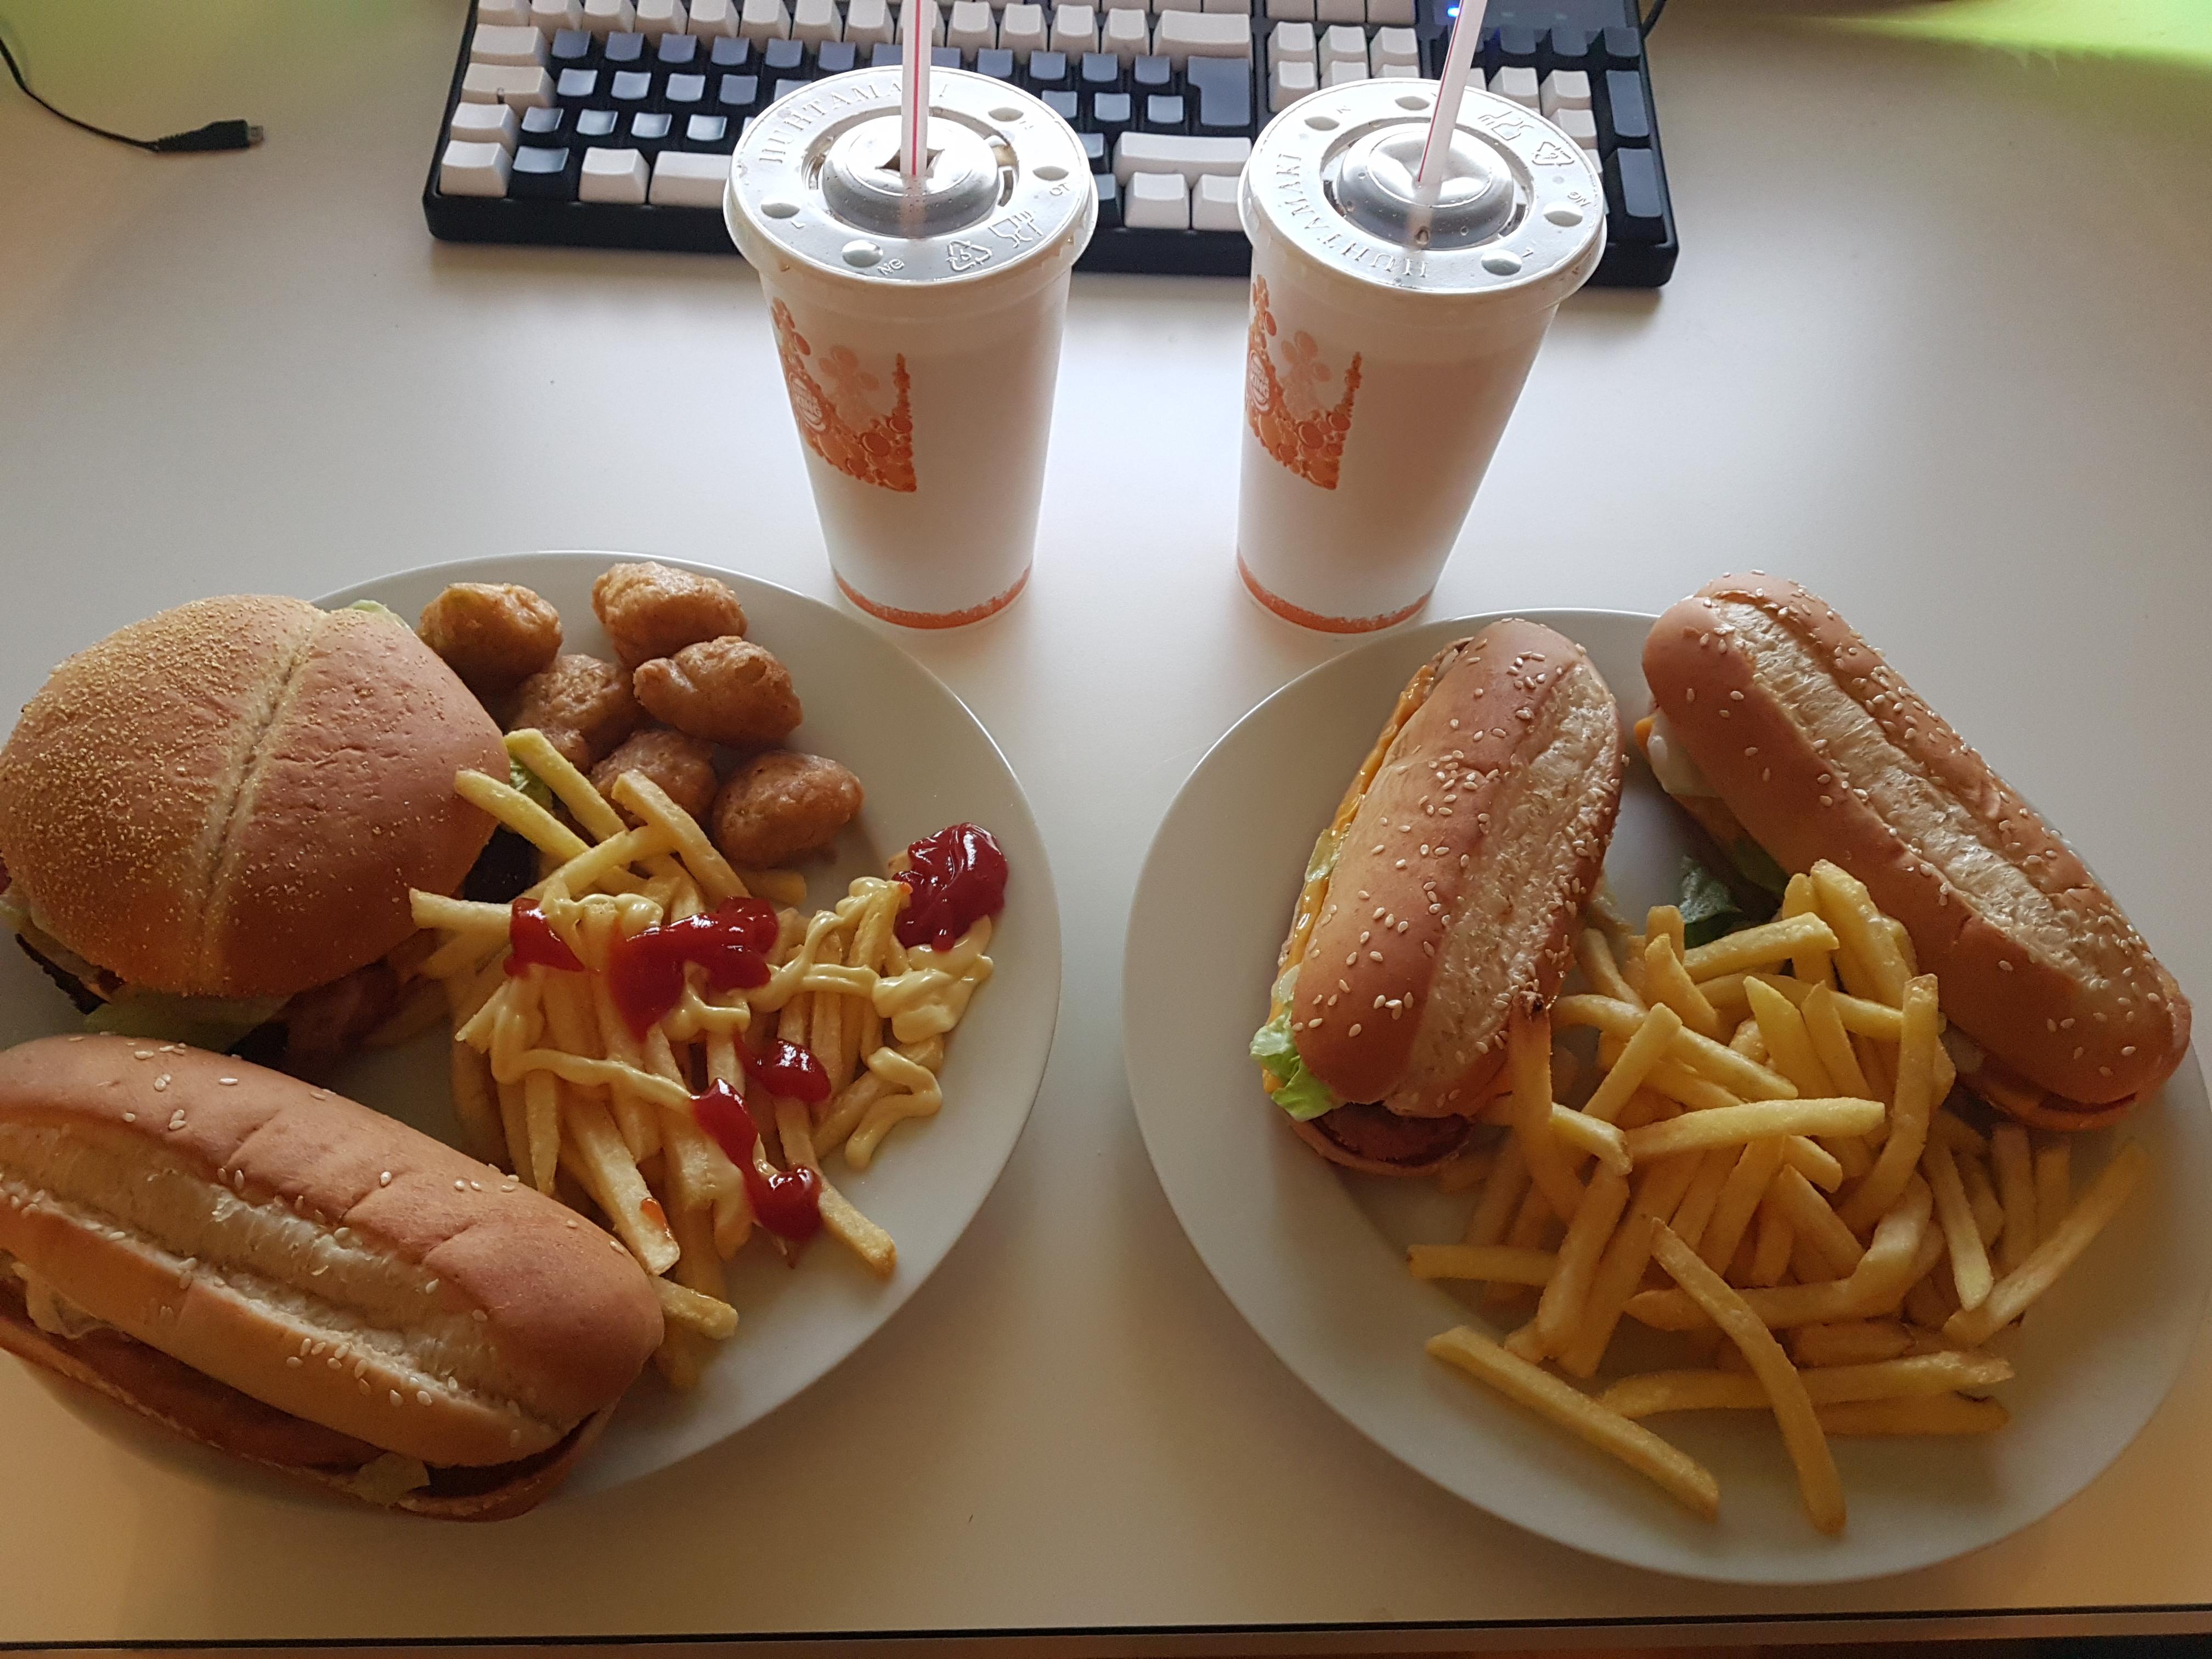 https://foodloader.net/Holz_2019-01-16_Burger_King.jpg